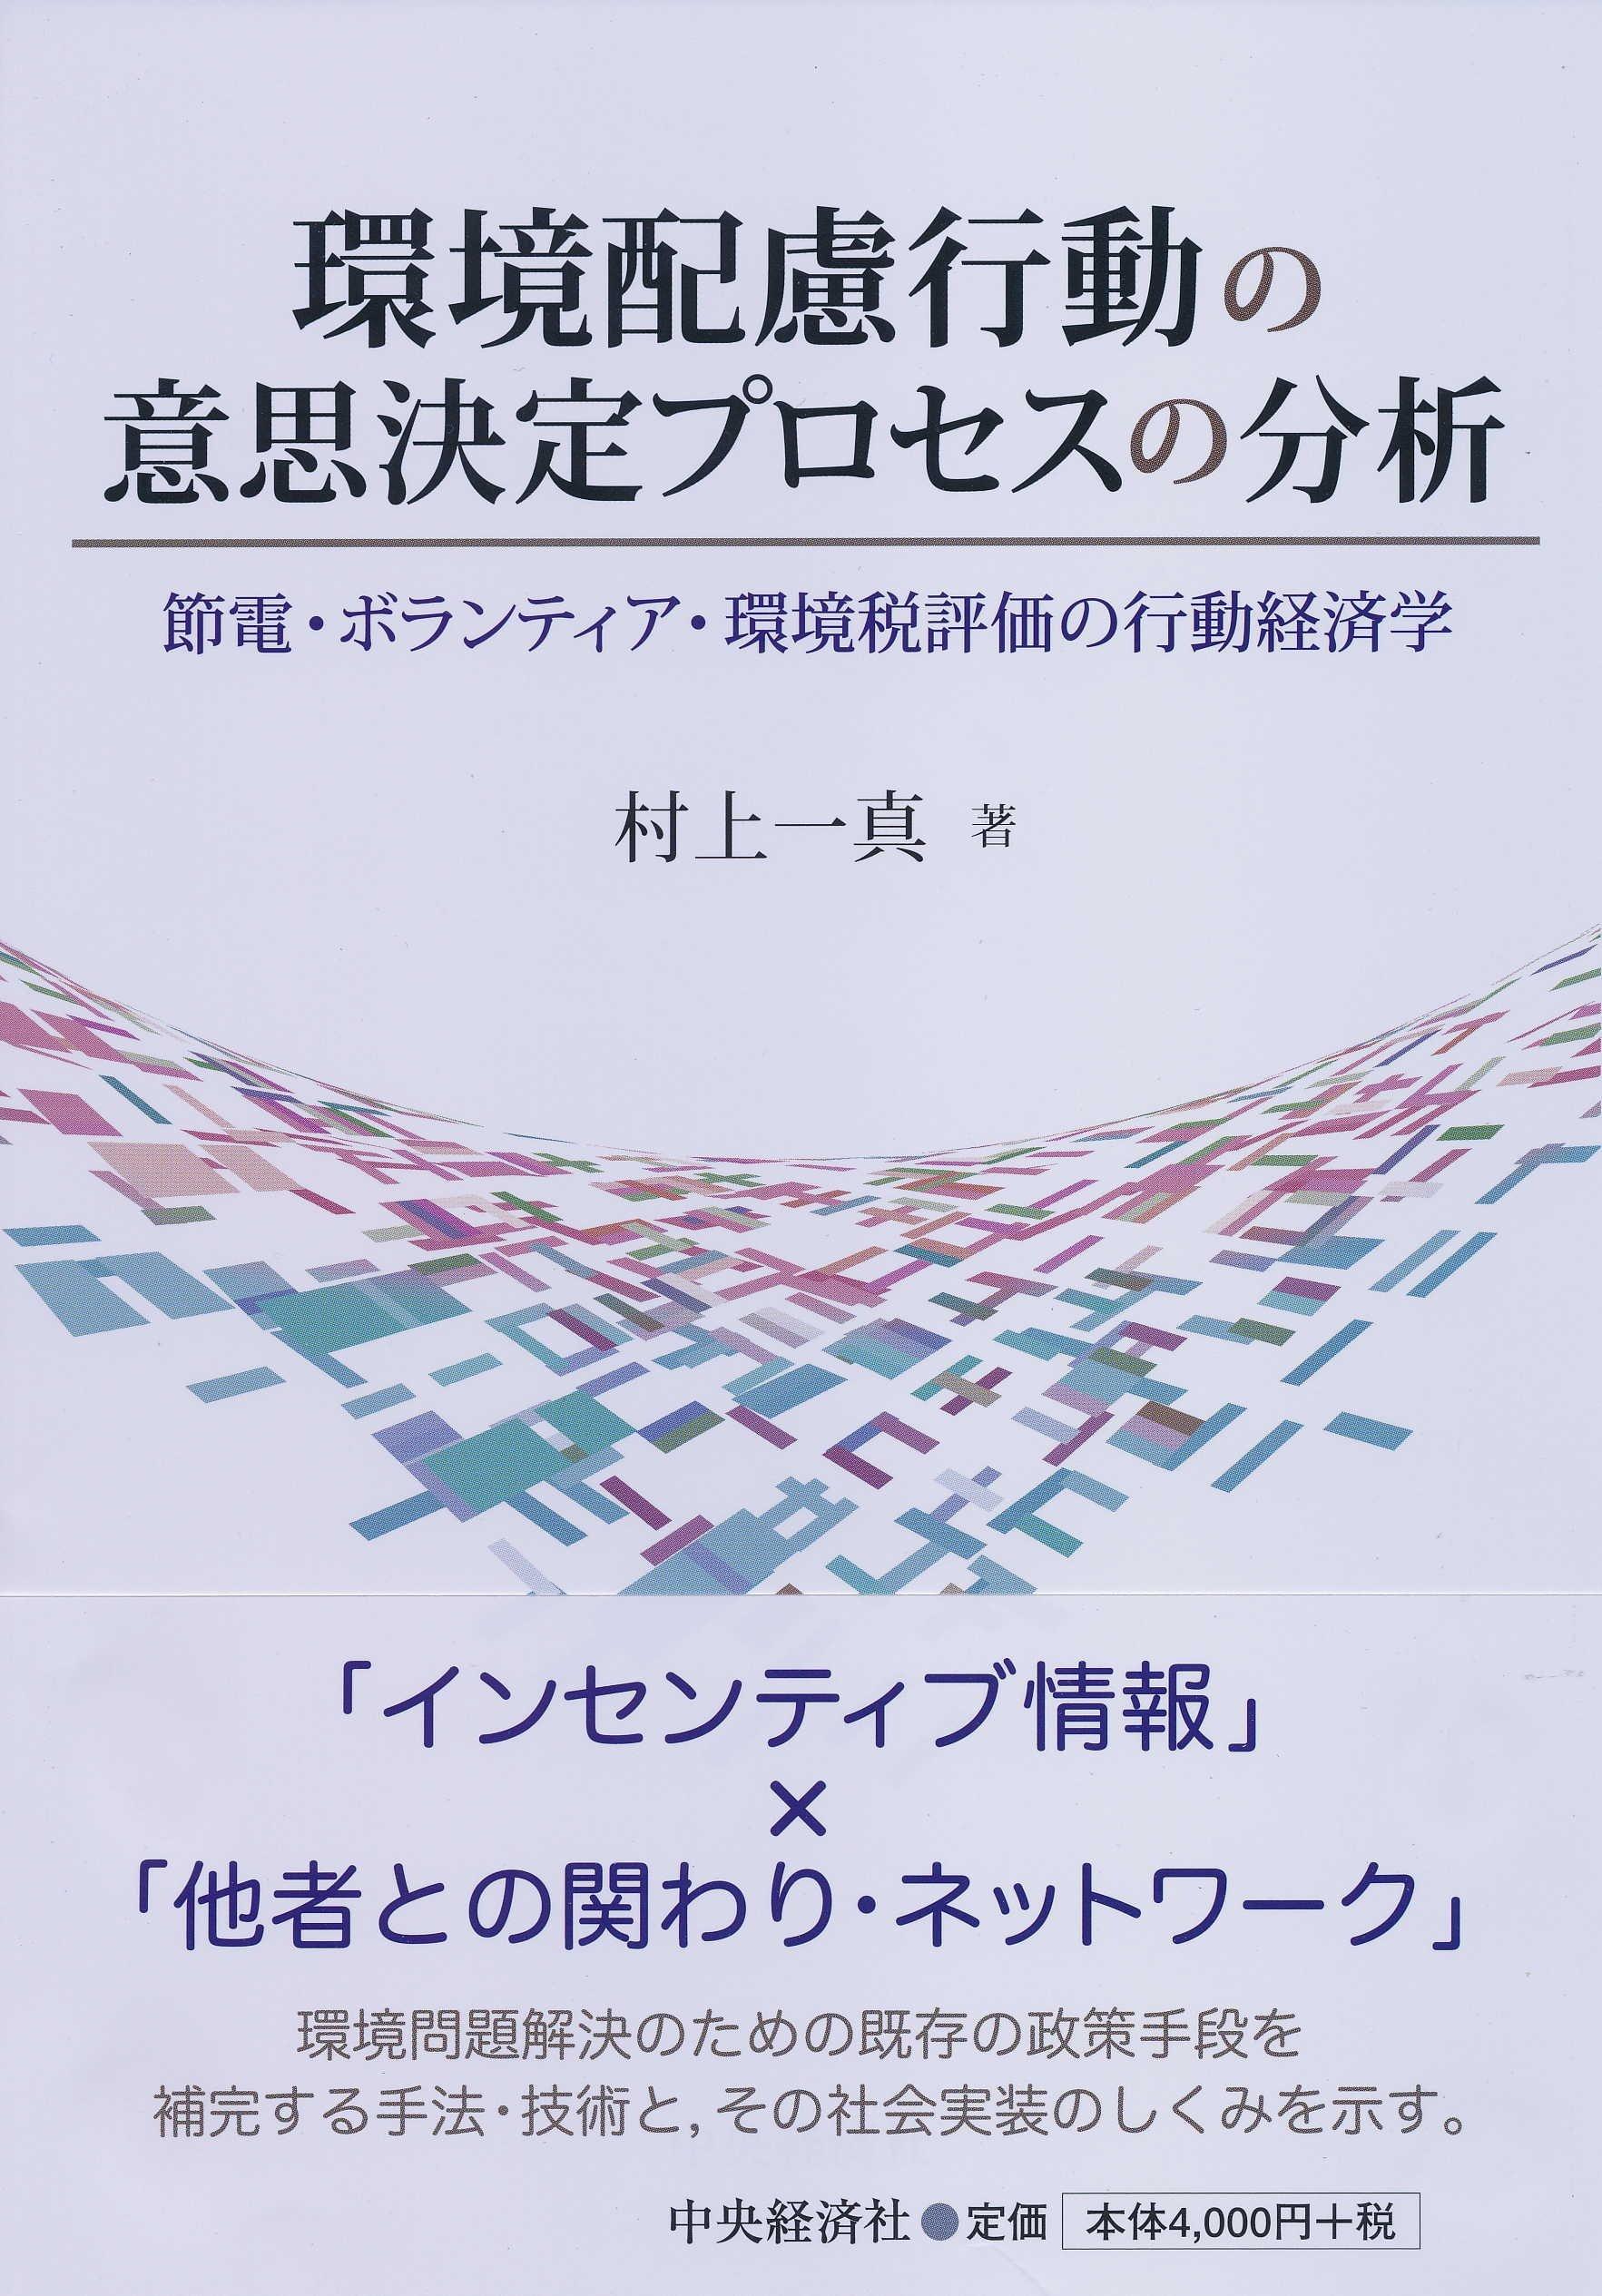 村上一真(滋賀県立大学)著『環境配慮行動の意思決定プロセスの分析』